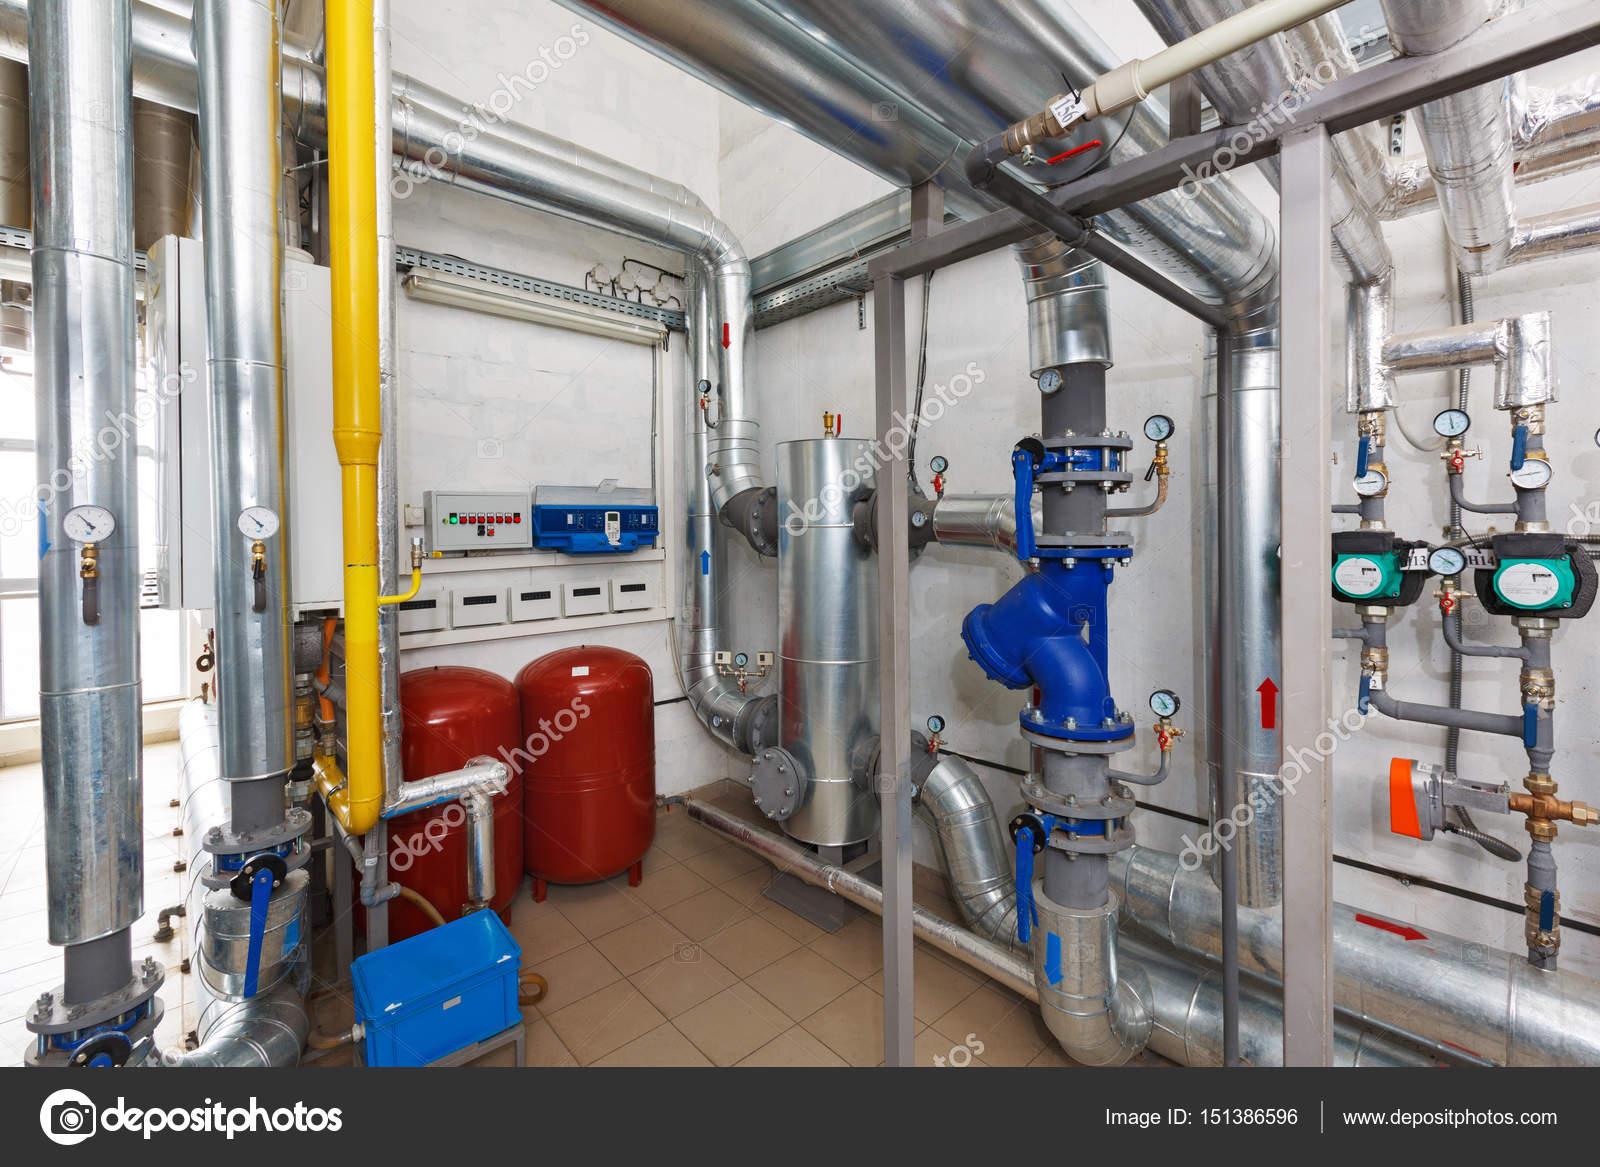 Apparate und Elektronik ein industrielles Gas-Kesselanlage mit ...